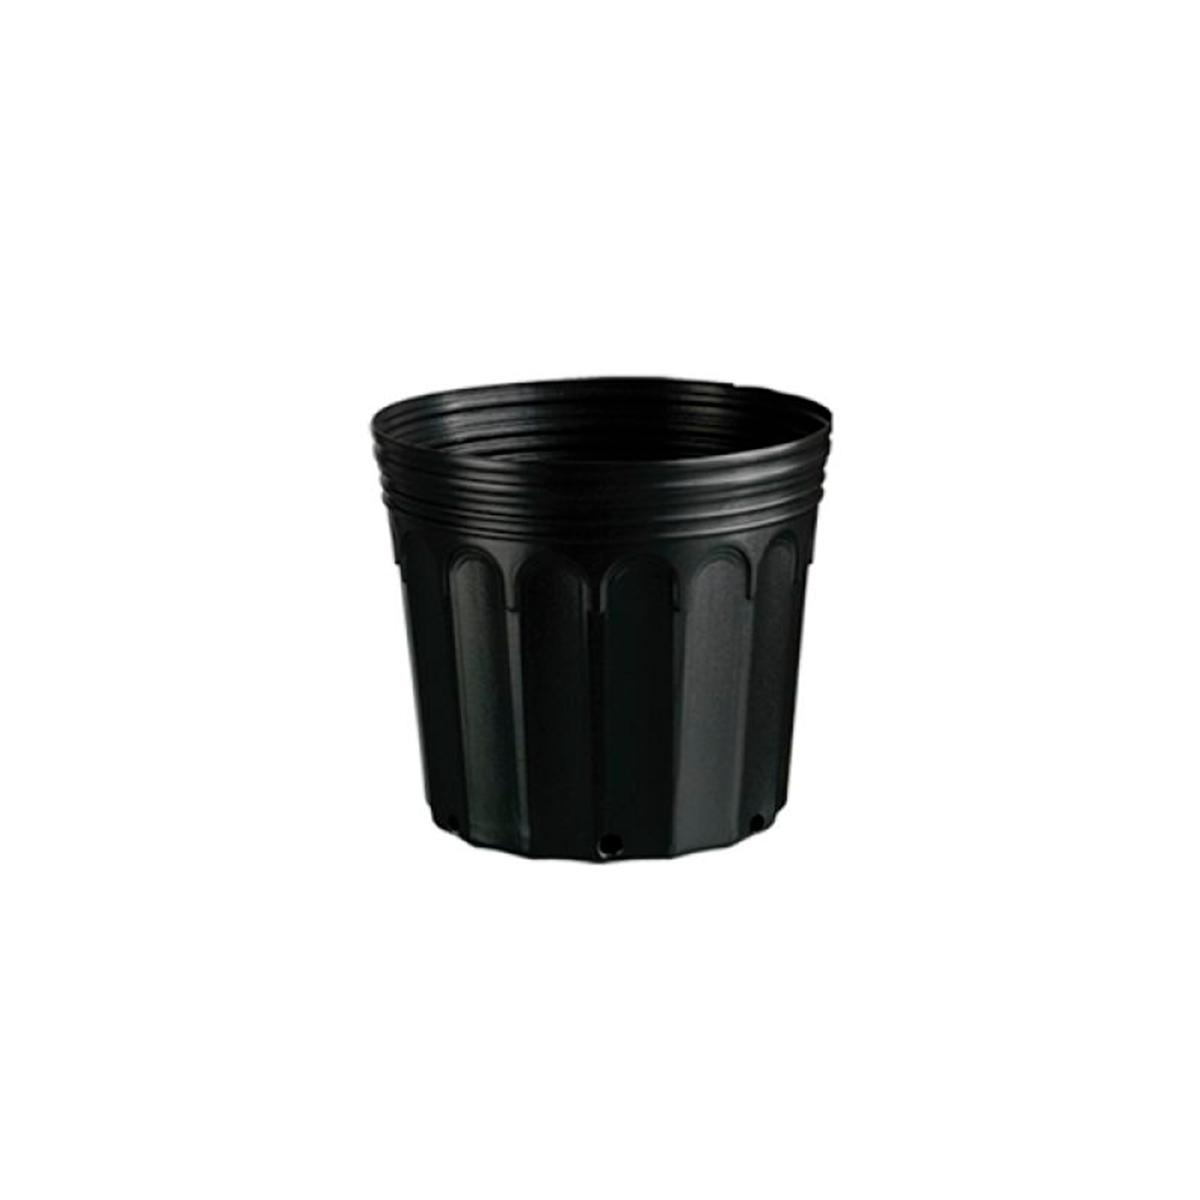 Kit com 25 Embalagem para Mudas Vaso Sem Alça 11 Litros